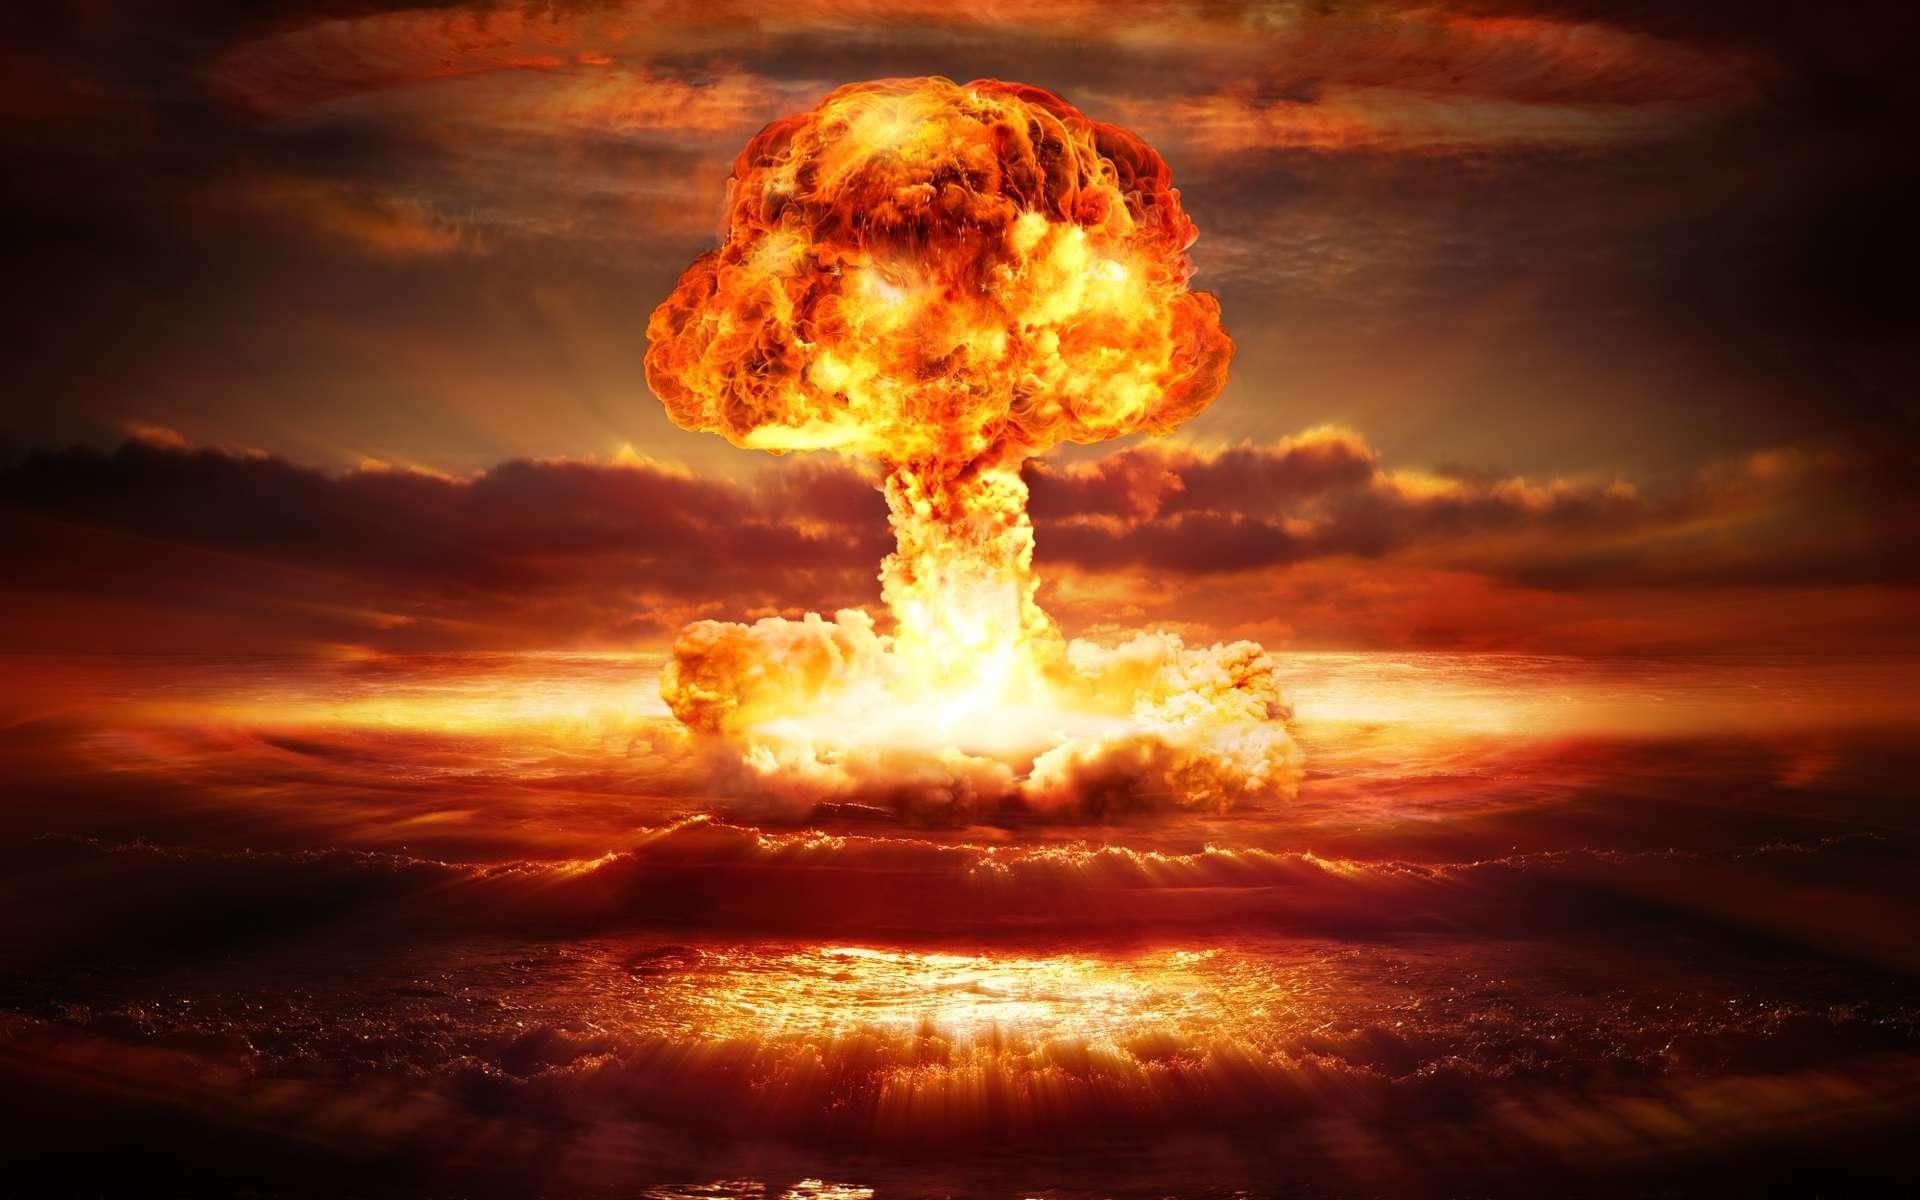 Les essais nucléaires atmosphériques (ici une image de synthèse) ont été remplacés par des essais souterrains, moins dangereux… mais pas si discrets puisque le choc sismique généré est repérable à longue distance. Un traité les interdit depuis 1996 mais tous les pays ne l'ont pas ratifié, et la surveillance continue. © Shutterstock, Romolo